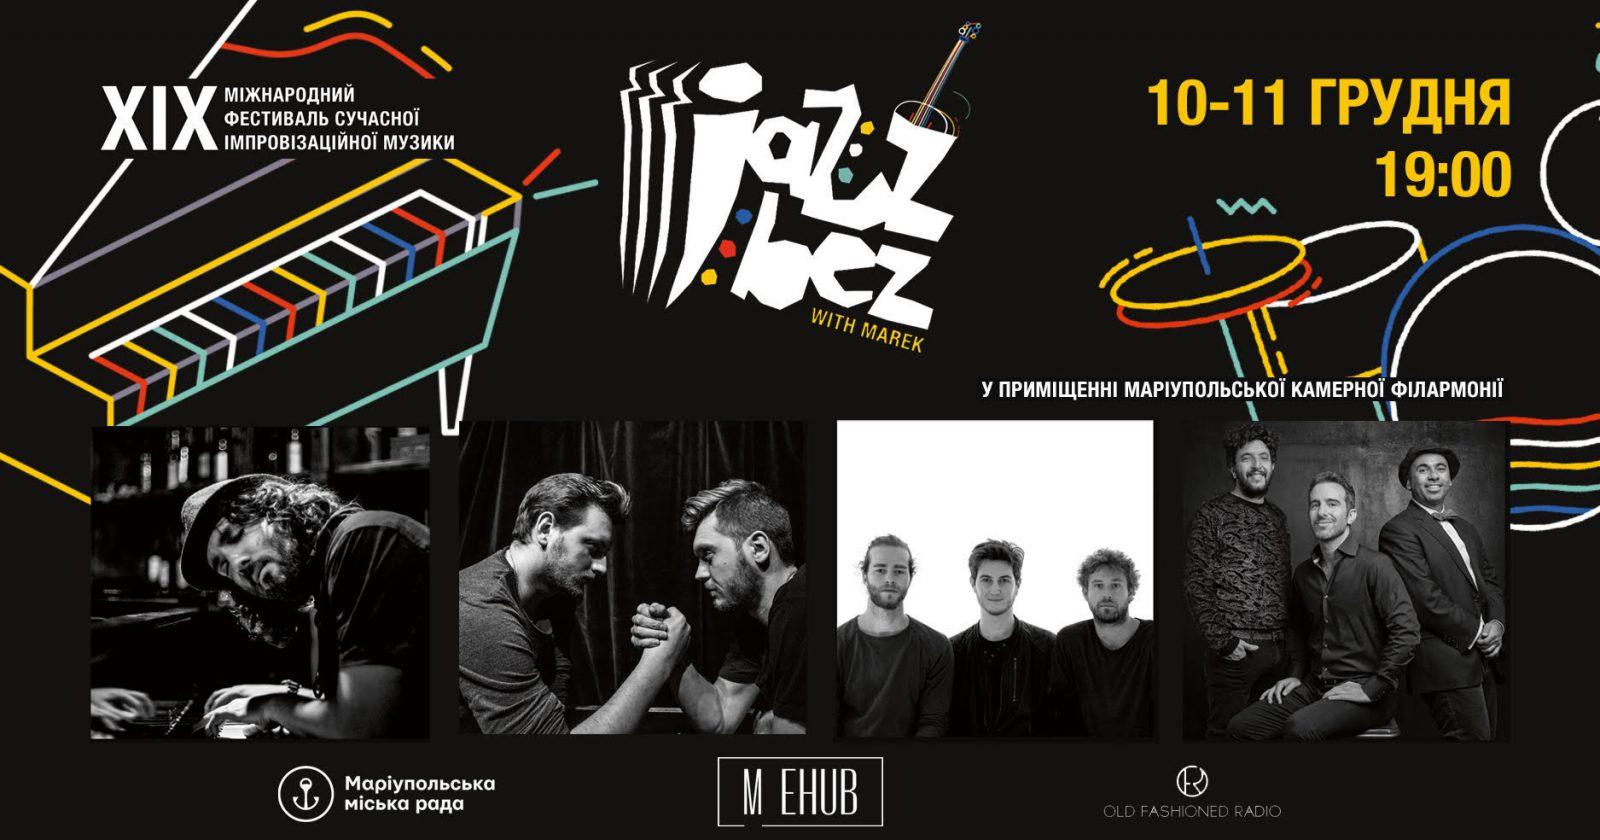 ХІХ Міжнародний фестиваль сучасної імпровізаційної музики JazzBez